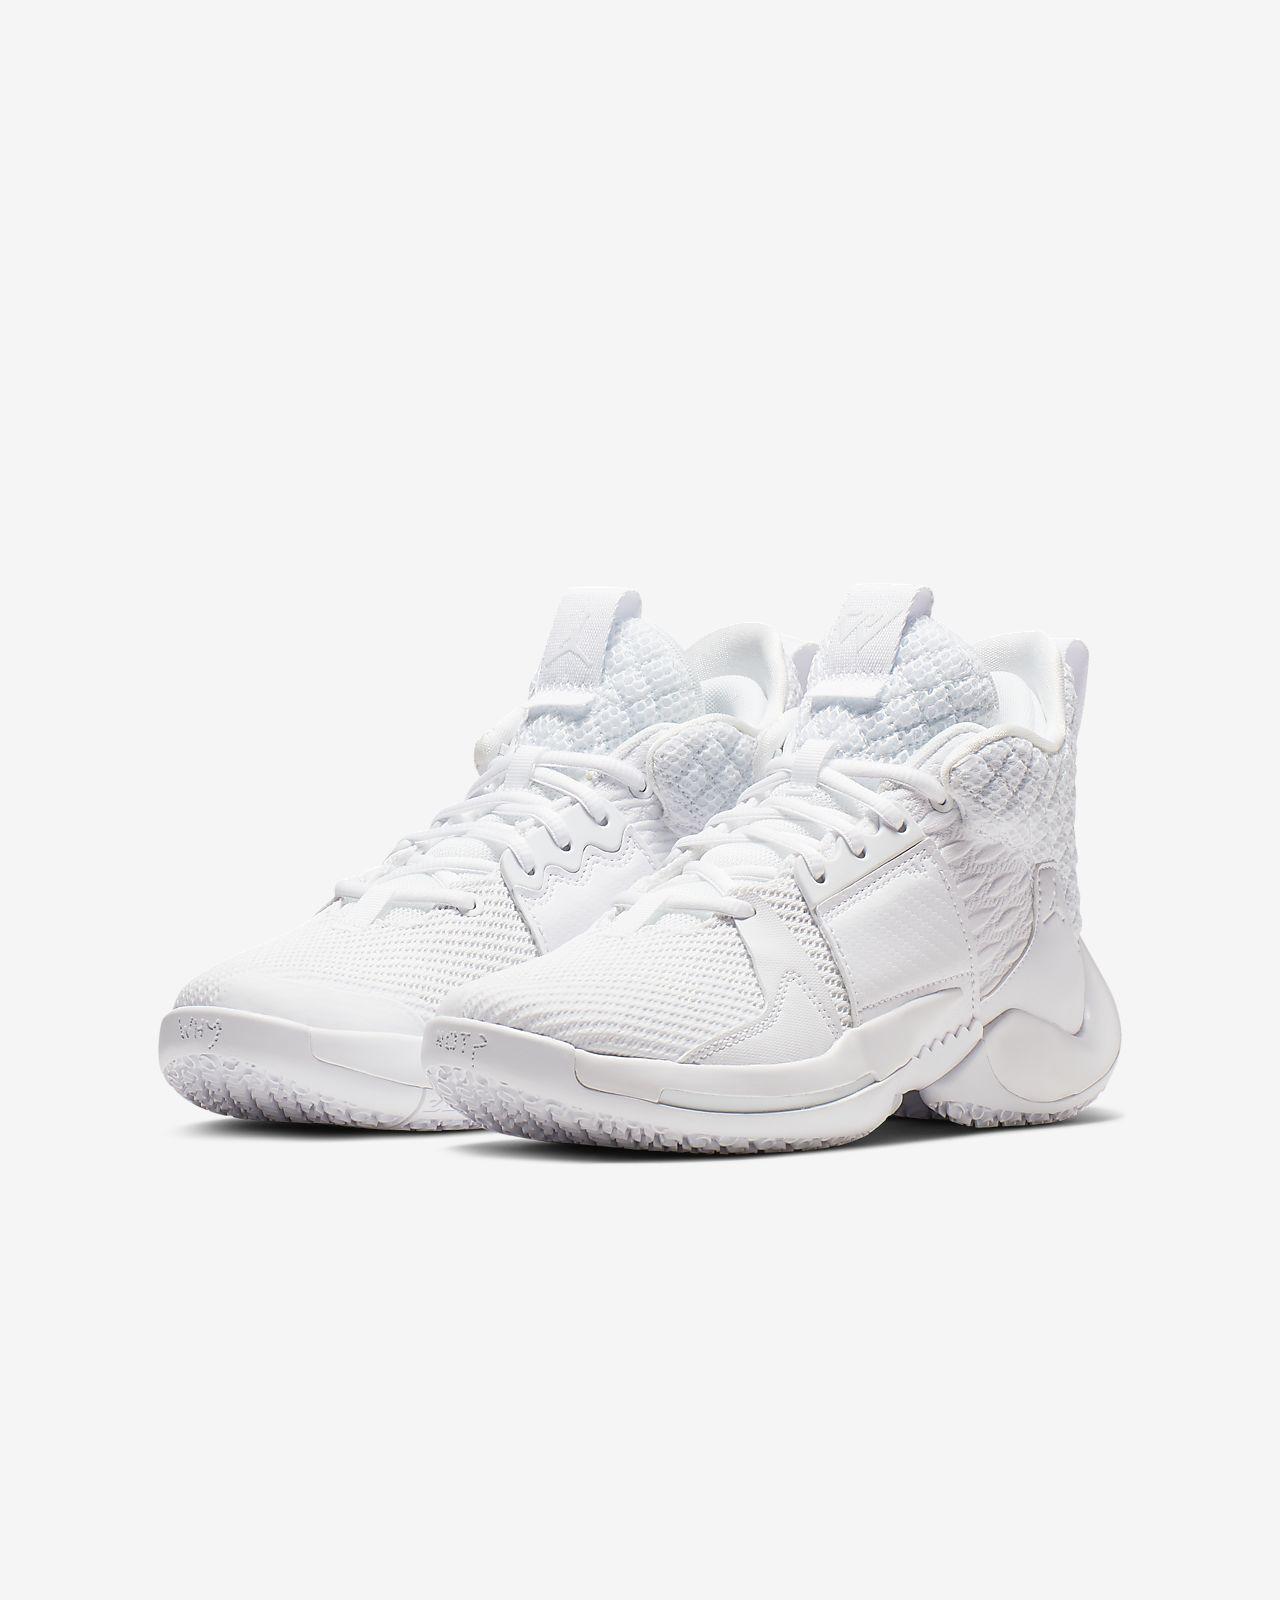 size 40 60ab3 a1d39 Zer0.2 Older Kids  Basketball Shoe